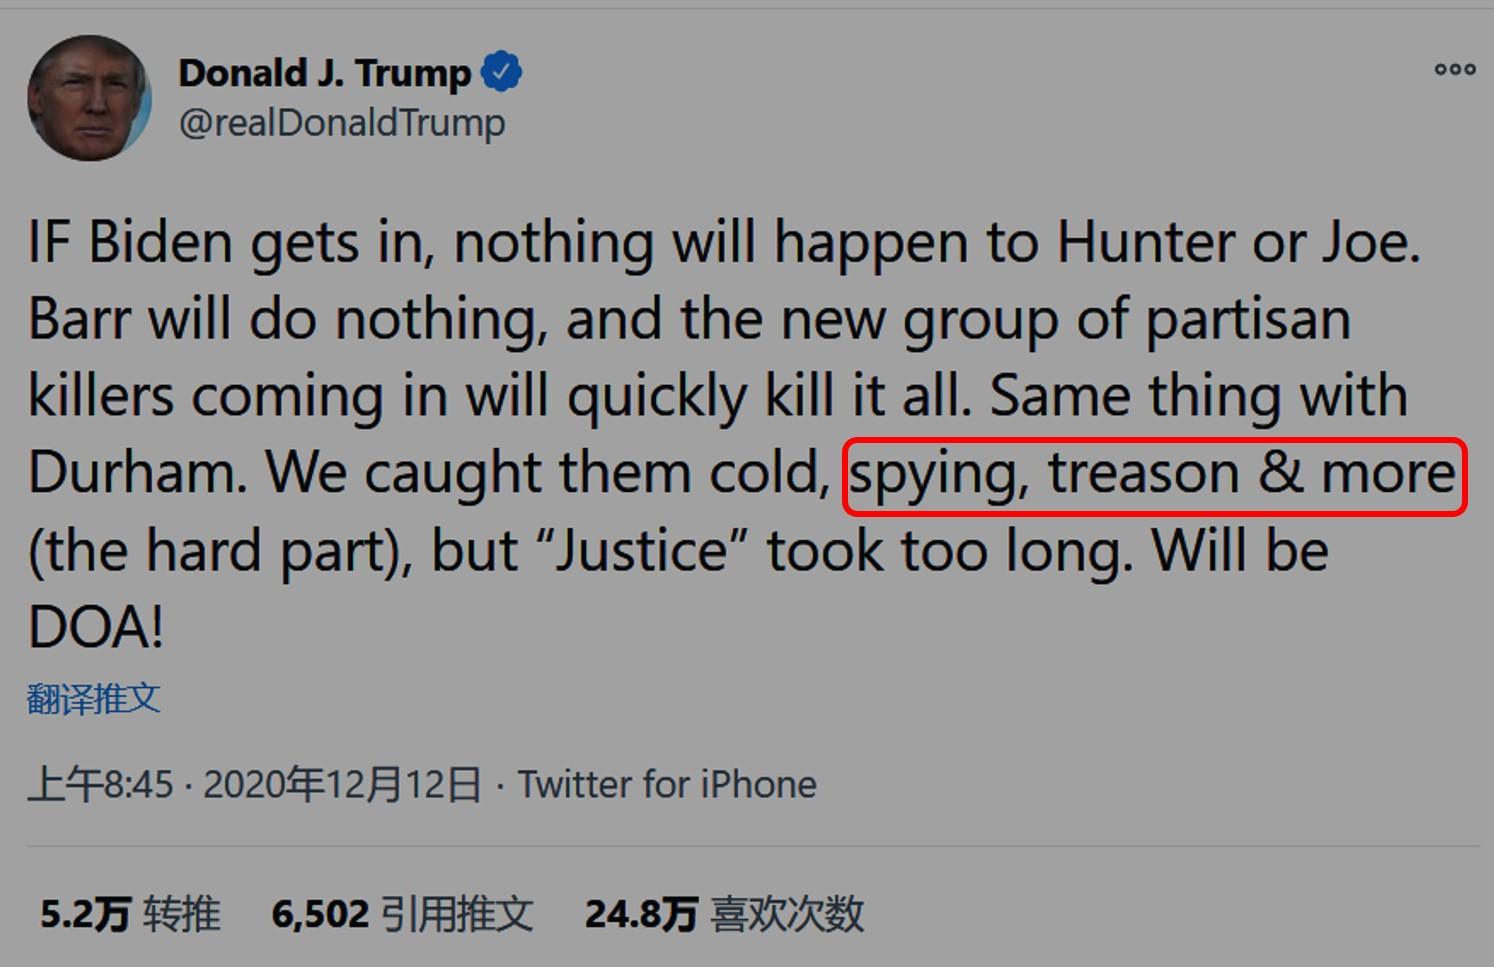 12月12日,特朗普連發推文,其中一則特別提及間諜與叛國罪。(推特截圖)